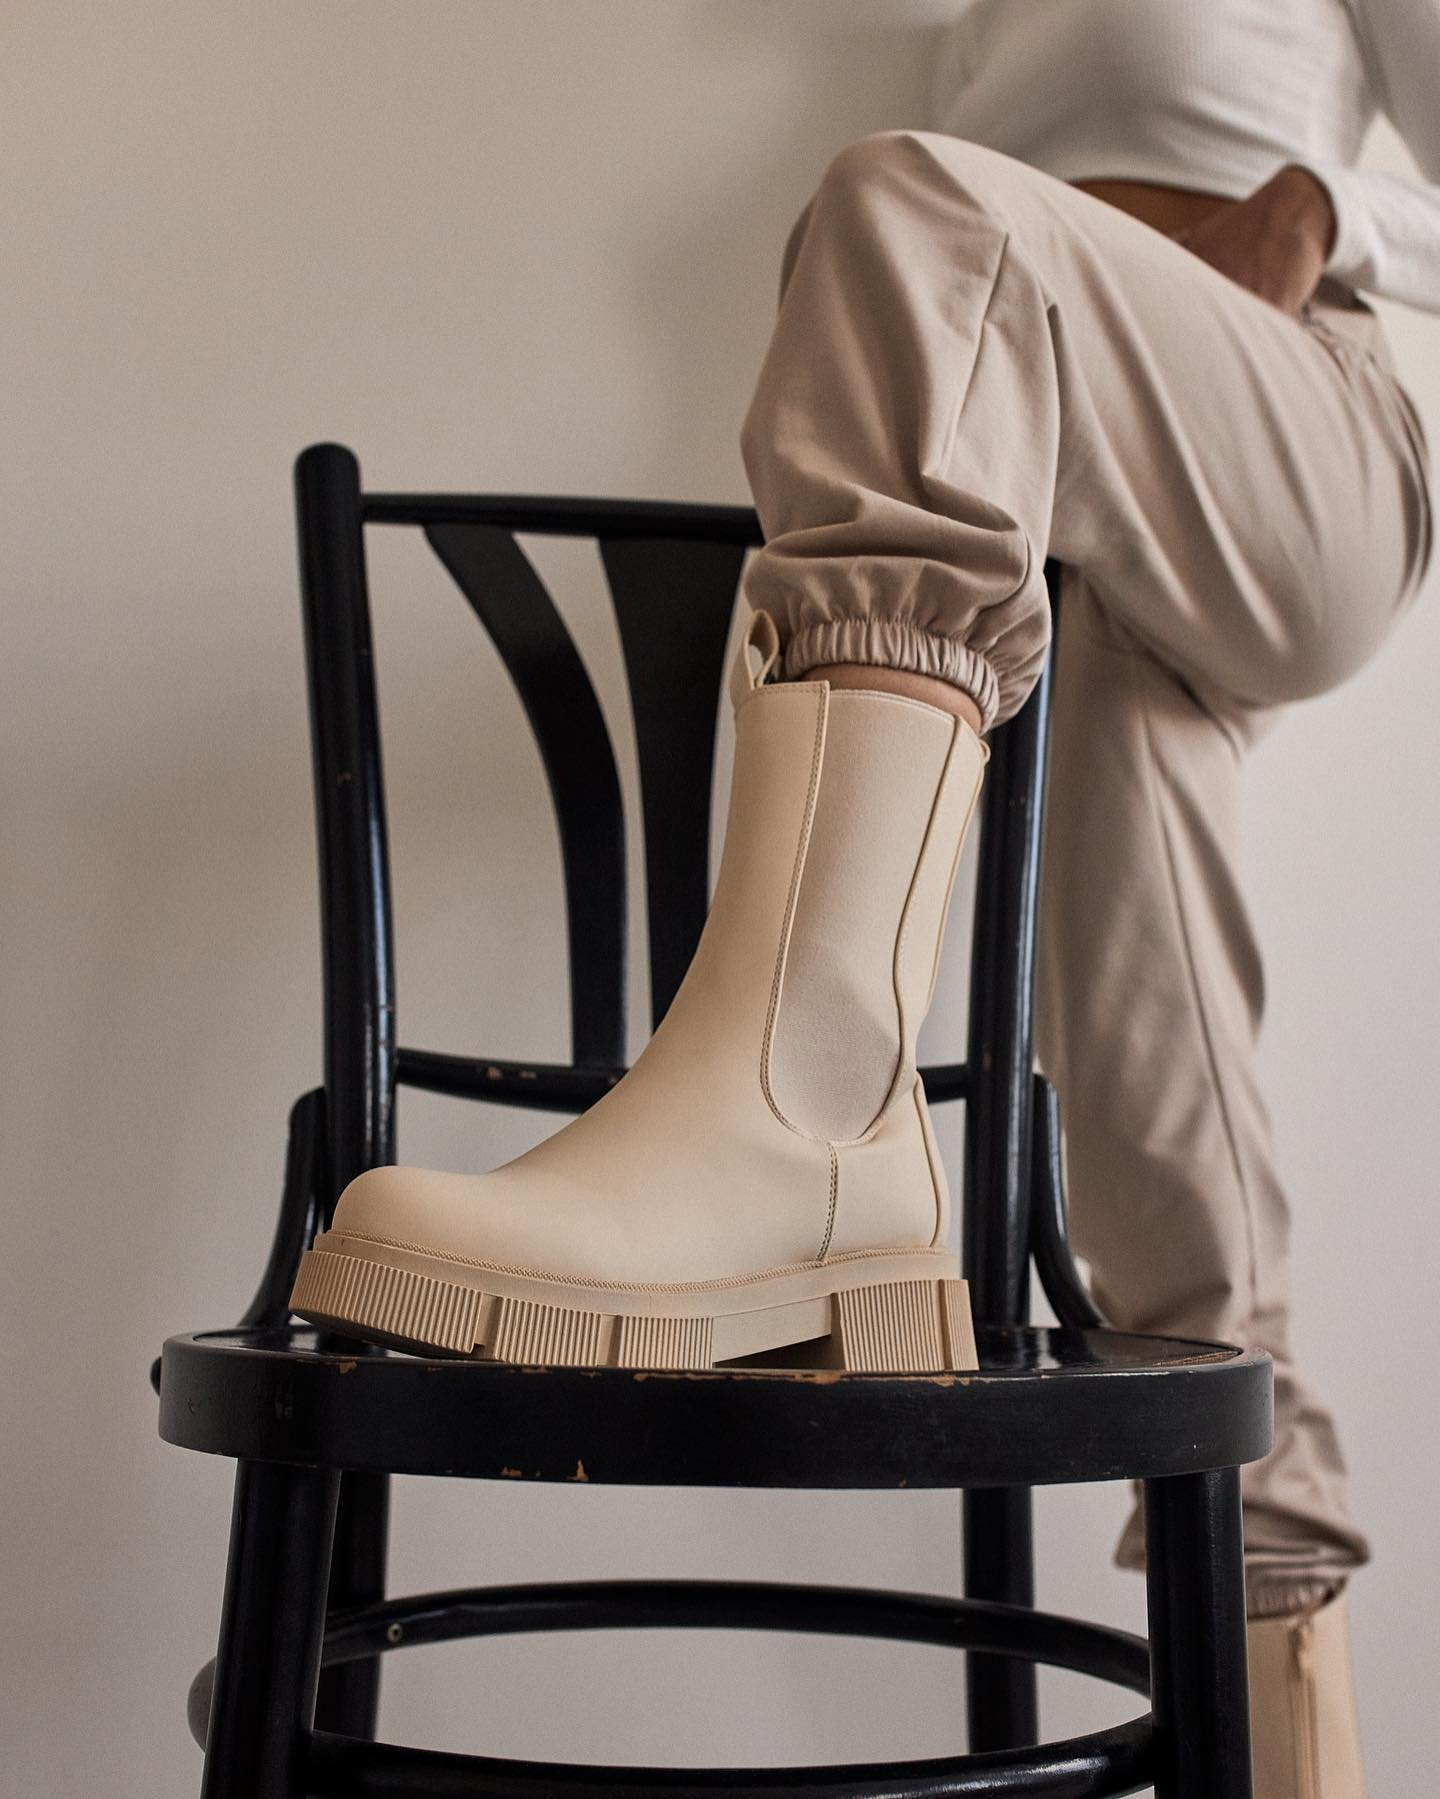 🔥 NOVINKY 🔥 je čas na topánočky, ktoré ťa prevedú chladnejším počasím. 👌🏻